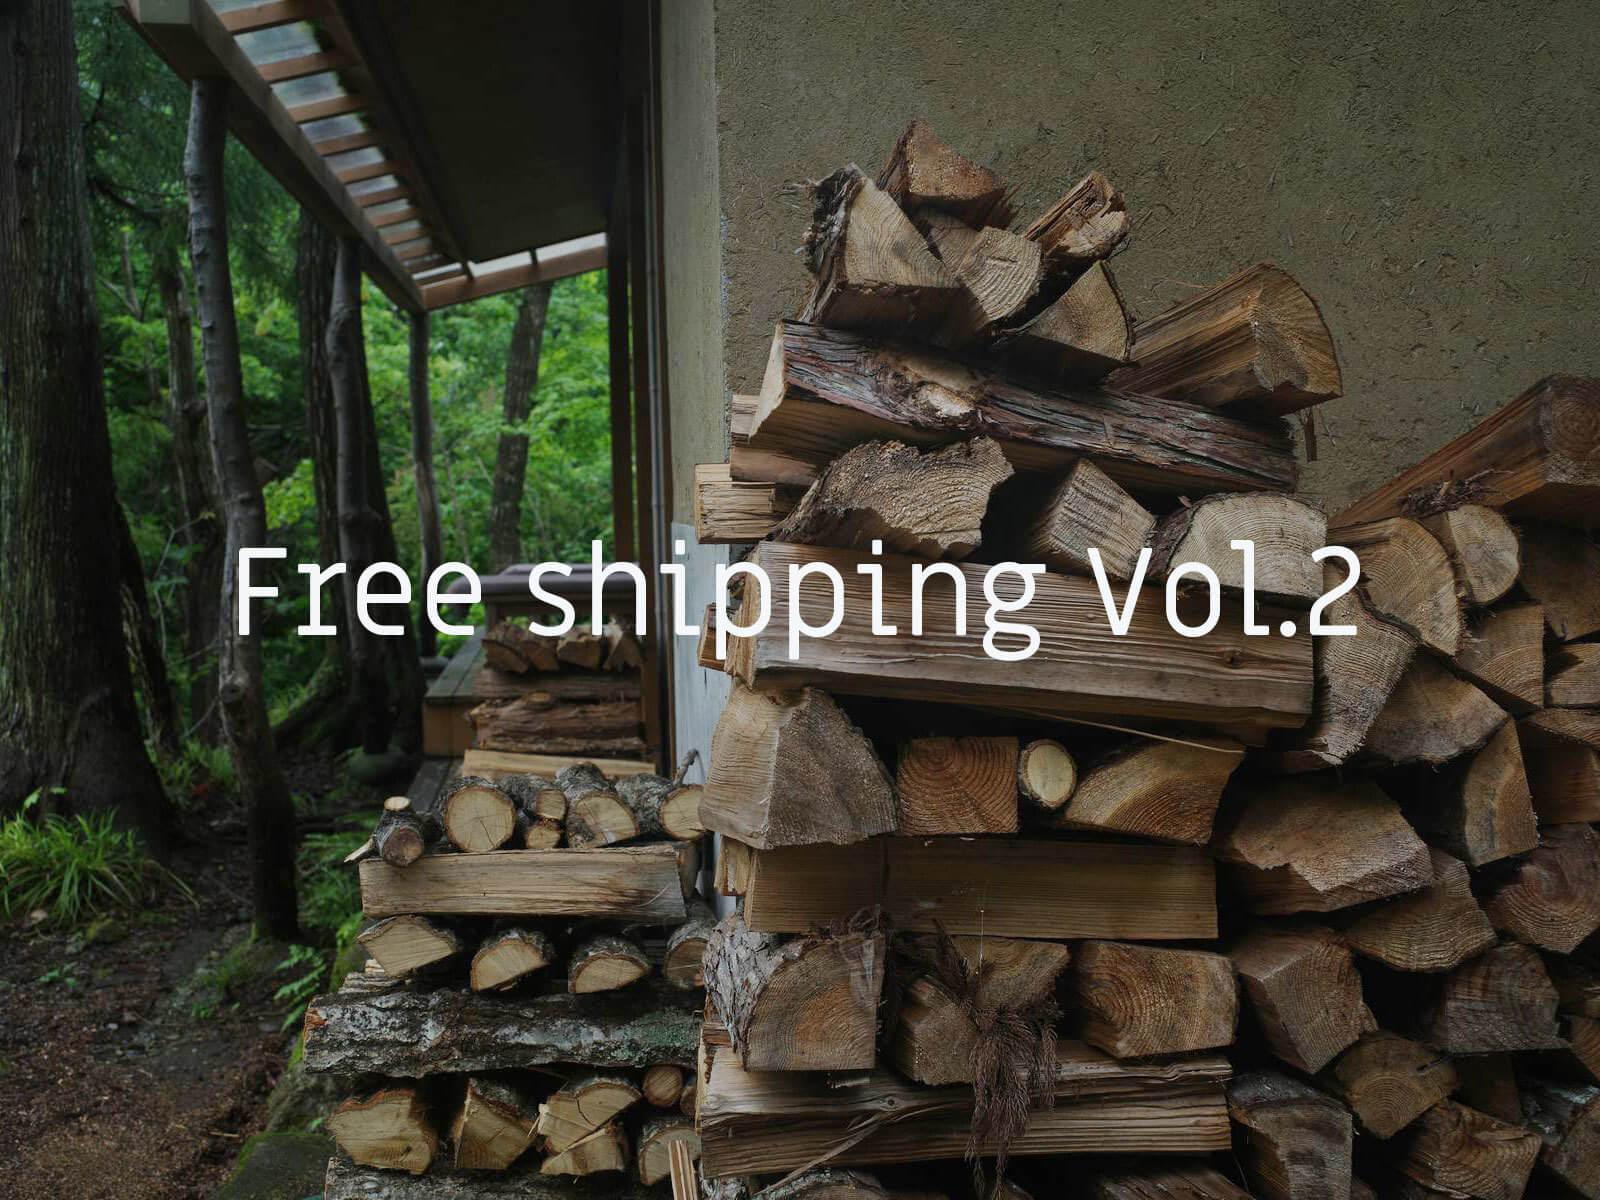 Free shipping Vol.2 / 7月3日~往復送料無料実施のお知らせ